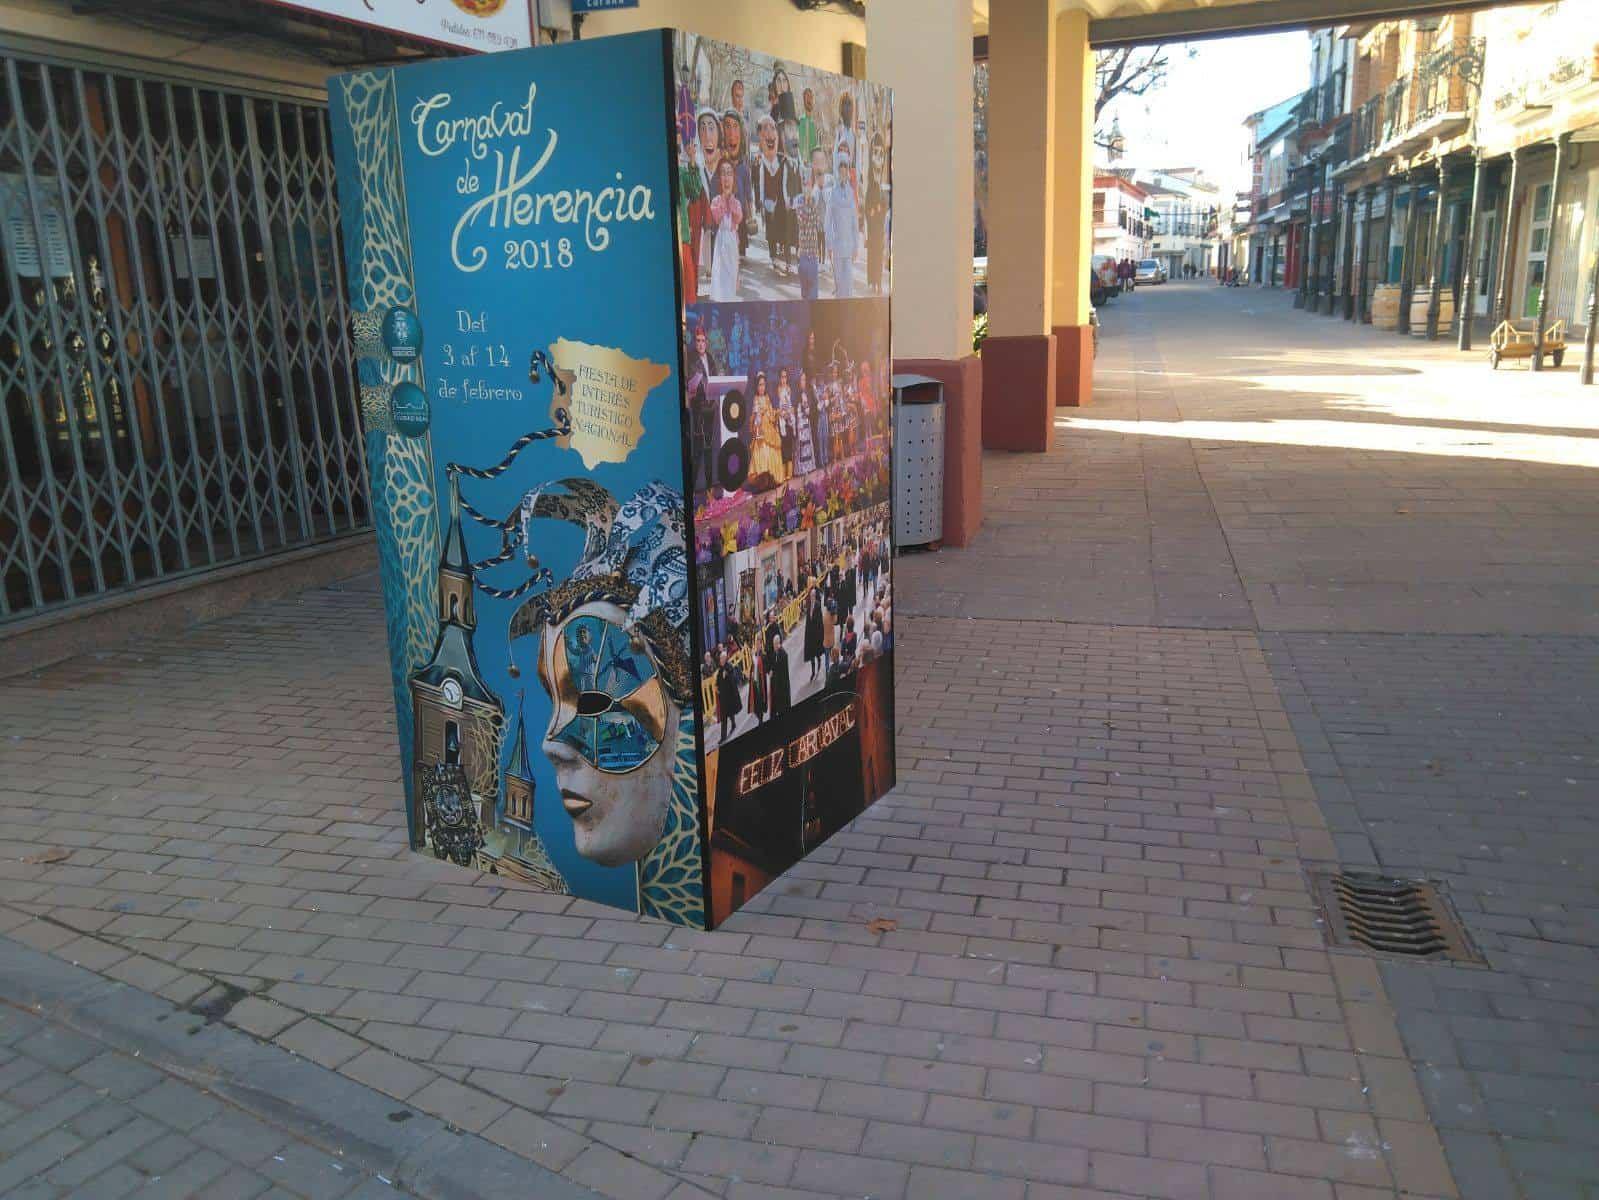 paneles informativos herencia 2018 - Paneles informativos del Carnaval 2018 a pie de calle